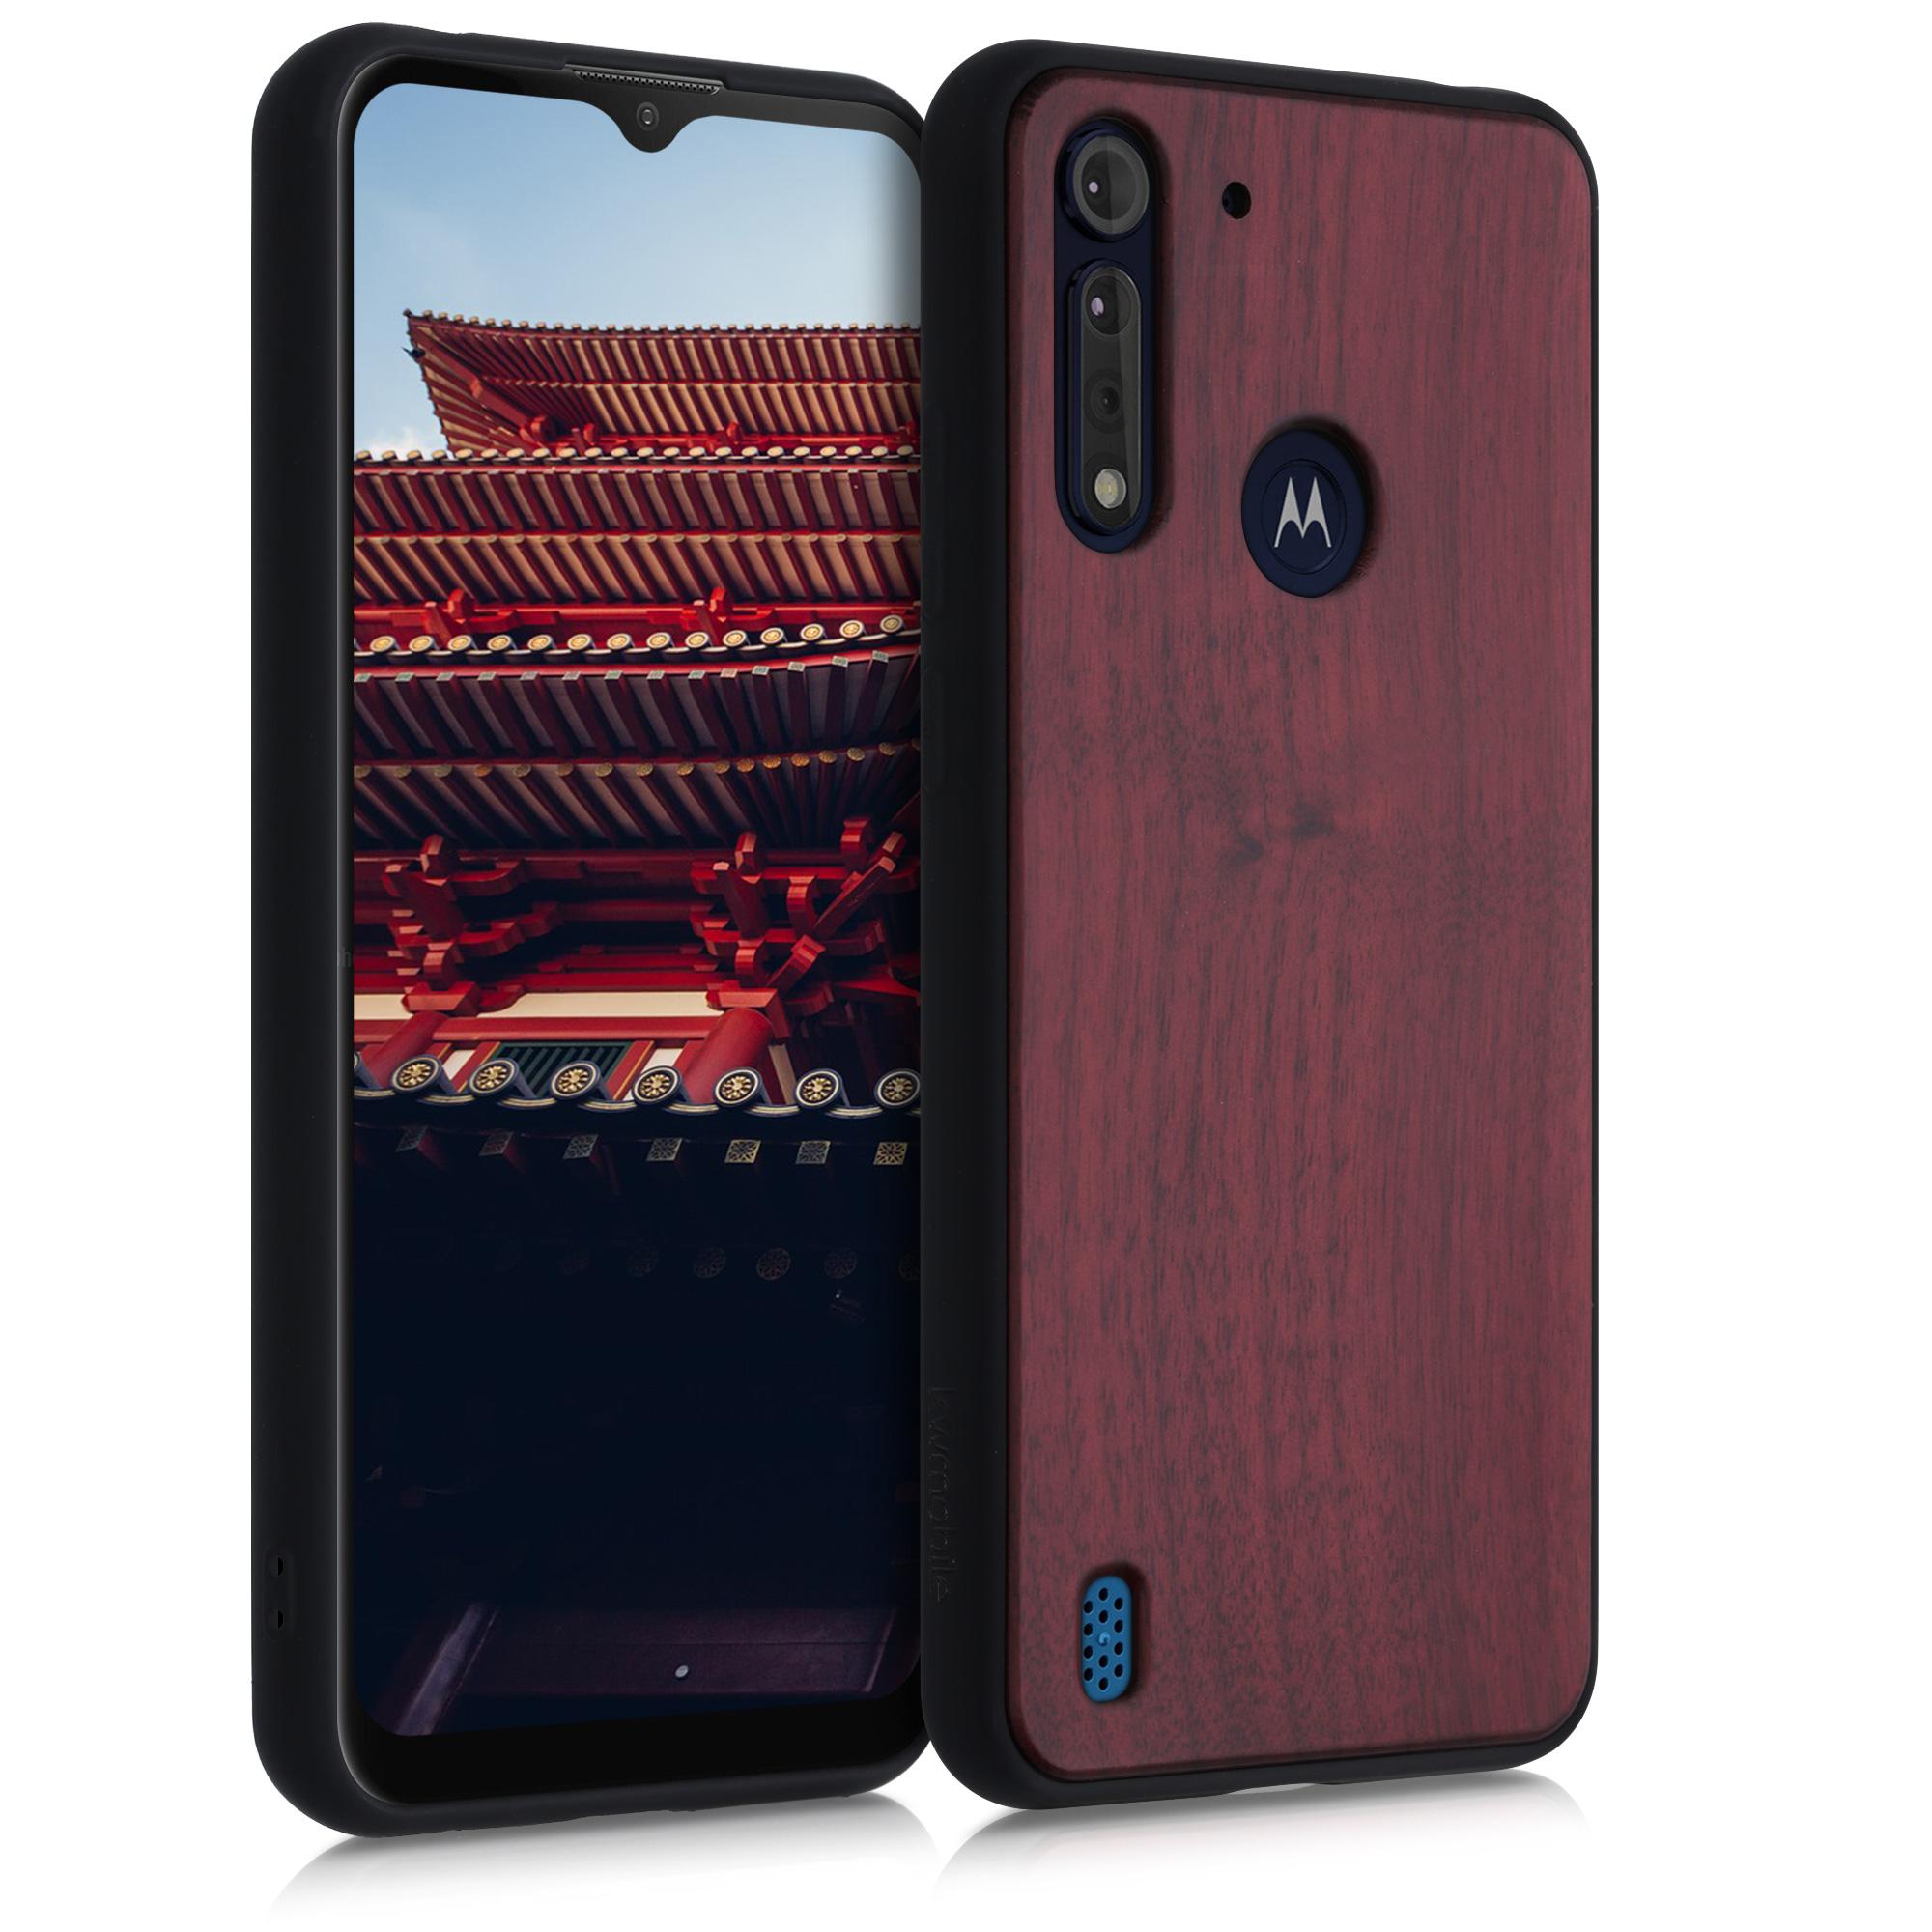 Dřevěné pouzdro   obal pro Motorola Moto G8 Power Lite - Tmavě červená